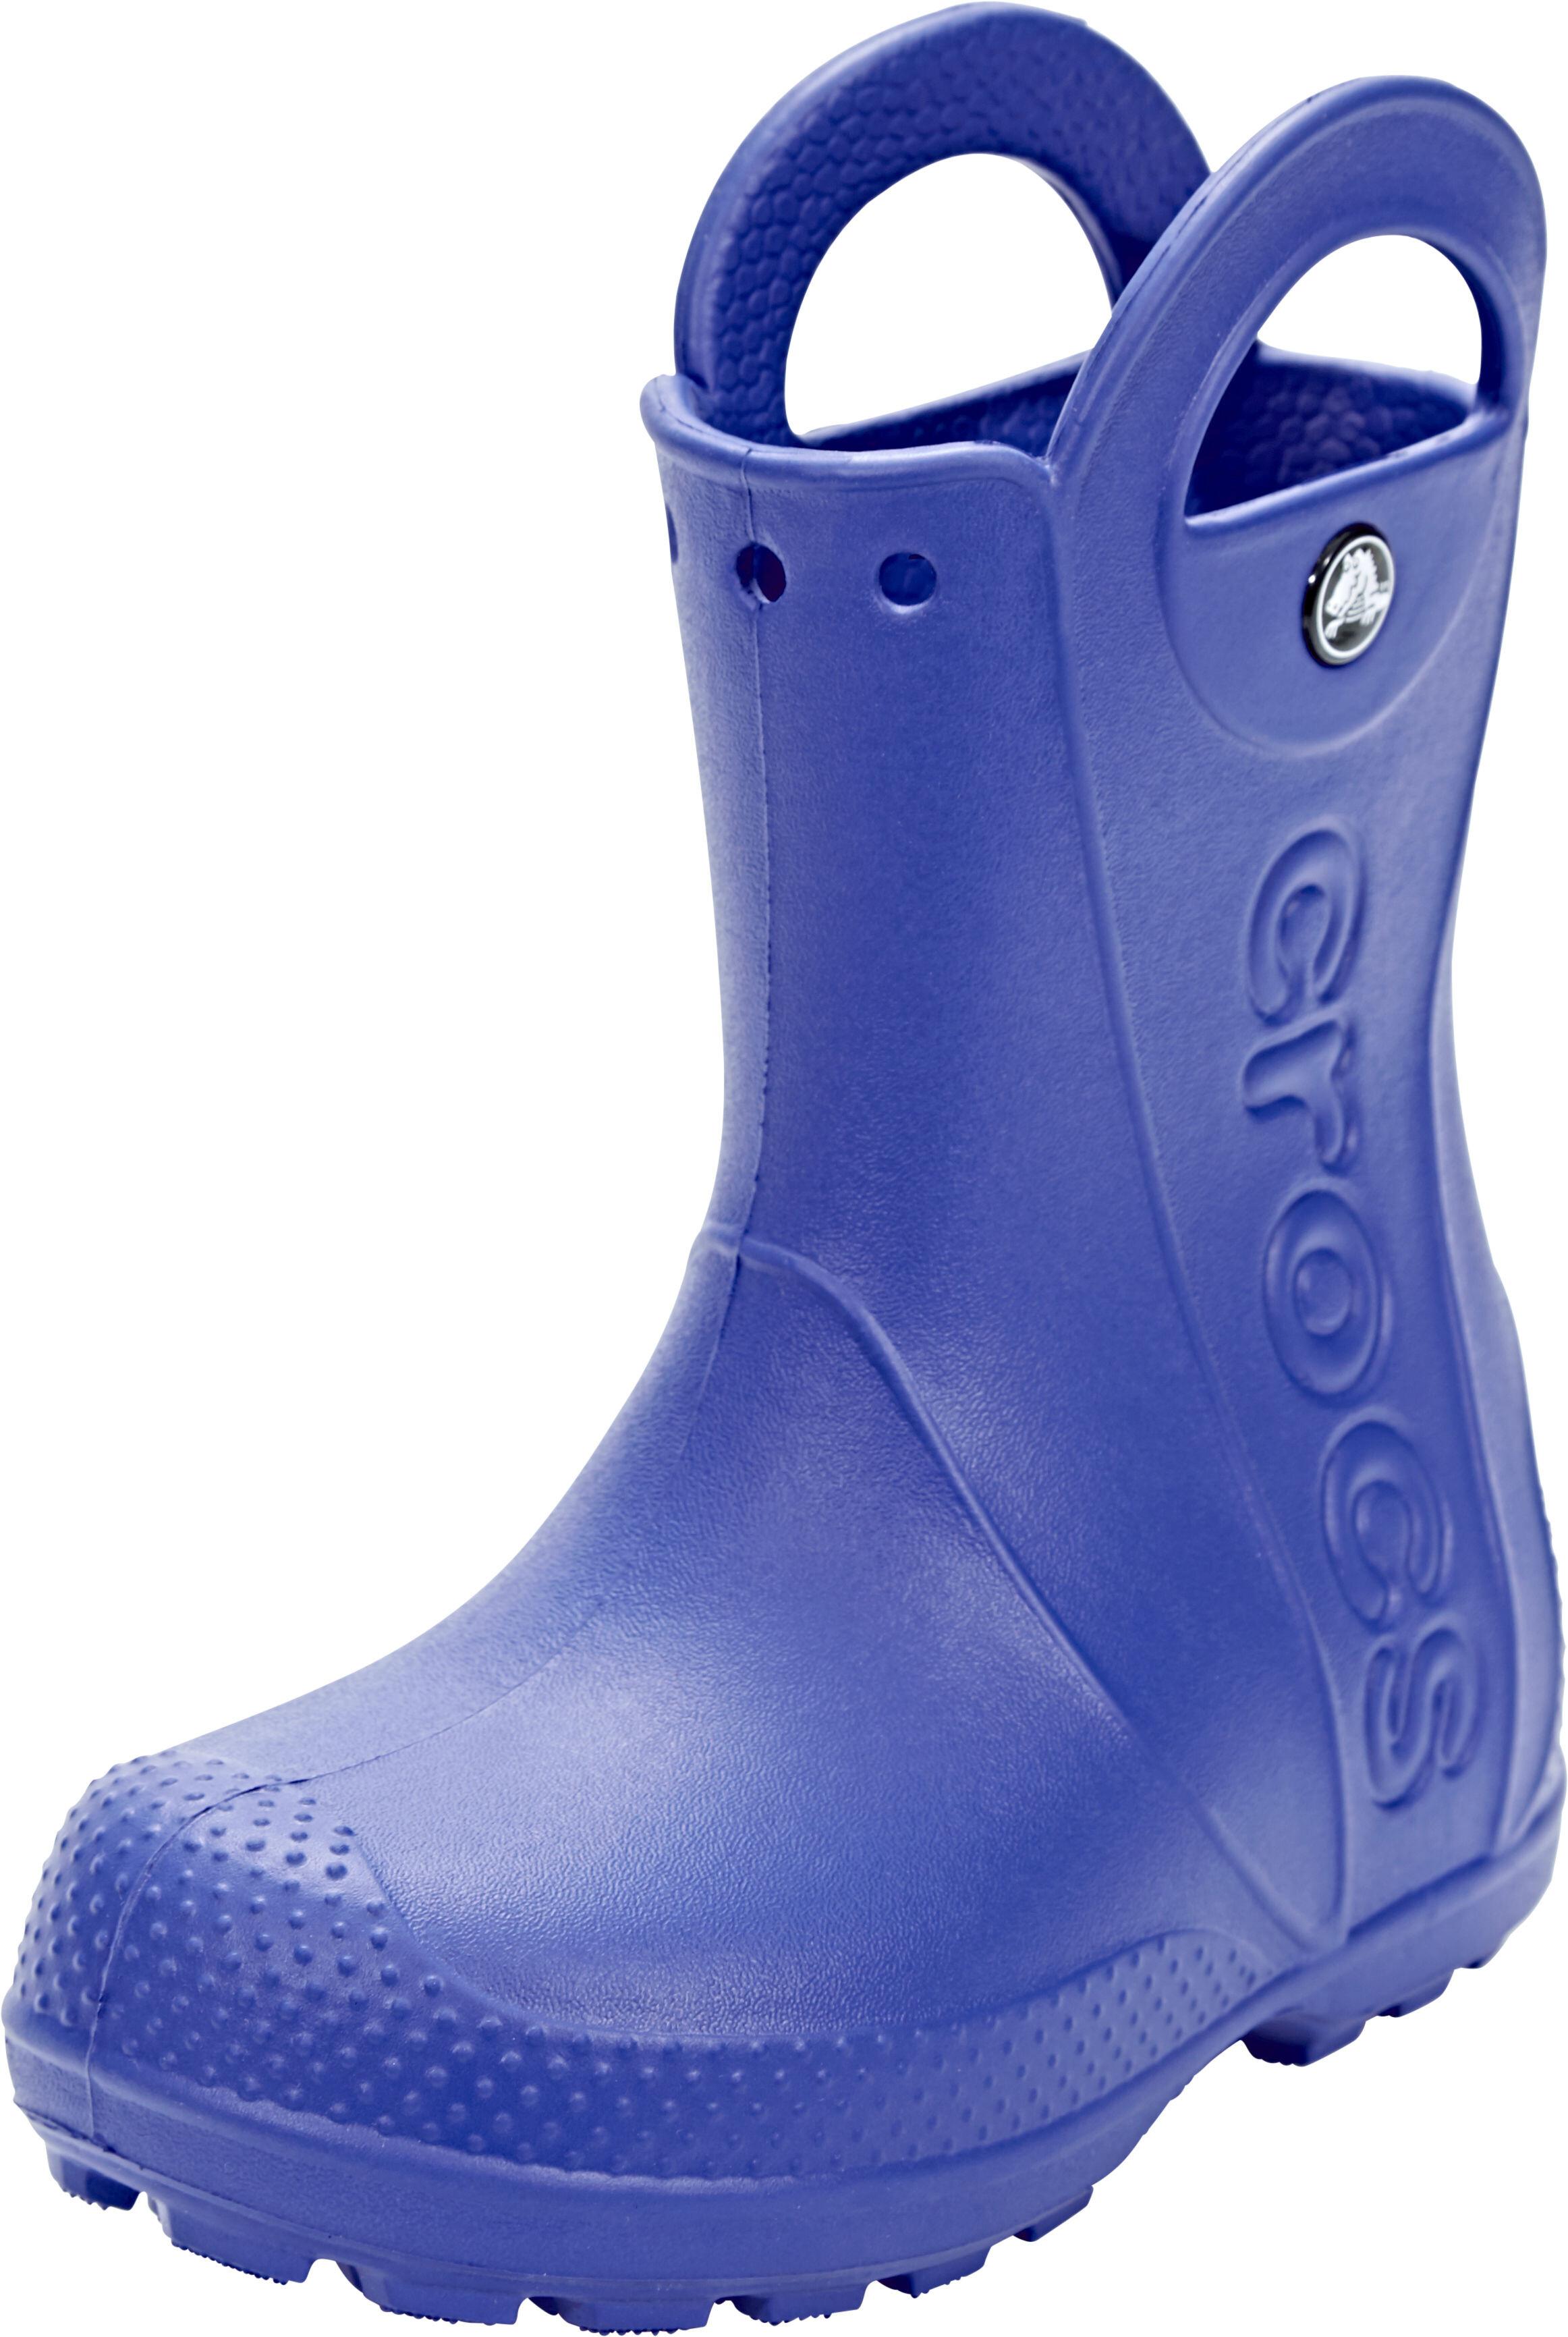 Crocs Handle It Gummistøvler Børn blå | Find outdoortøj, sko & udstyr på nettet | CAMPZ.dk